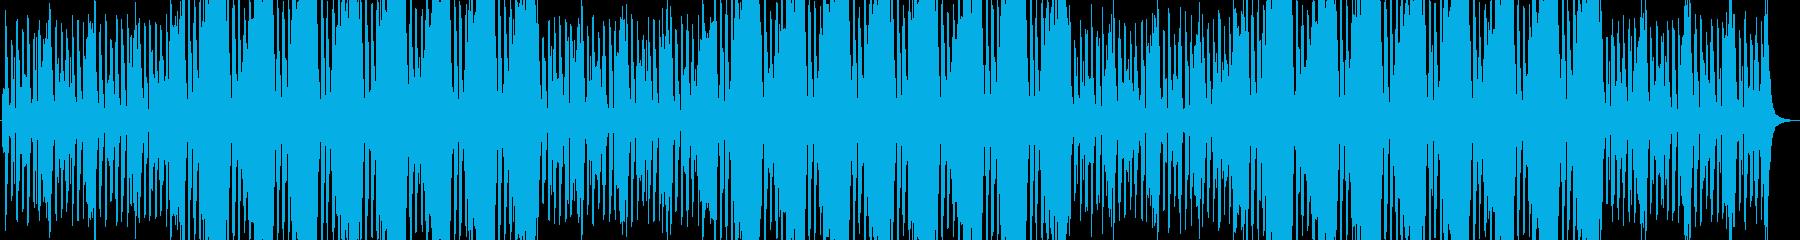 緩めなオケによる出撃・待機・メニュー曲の再生済みの波形